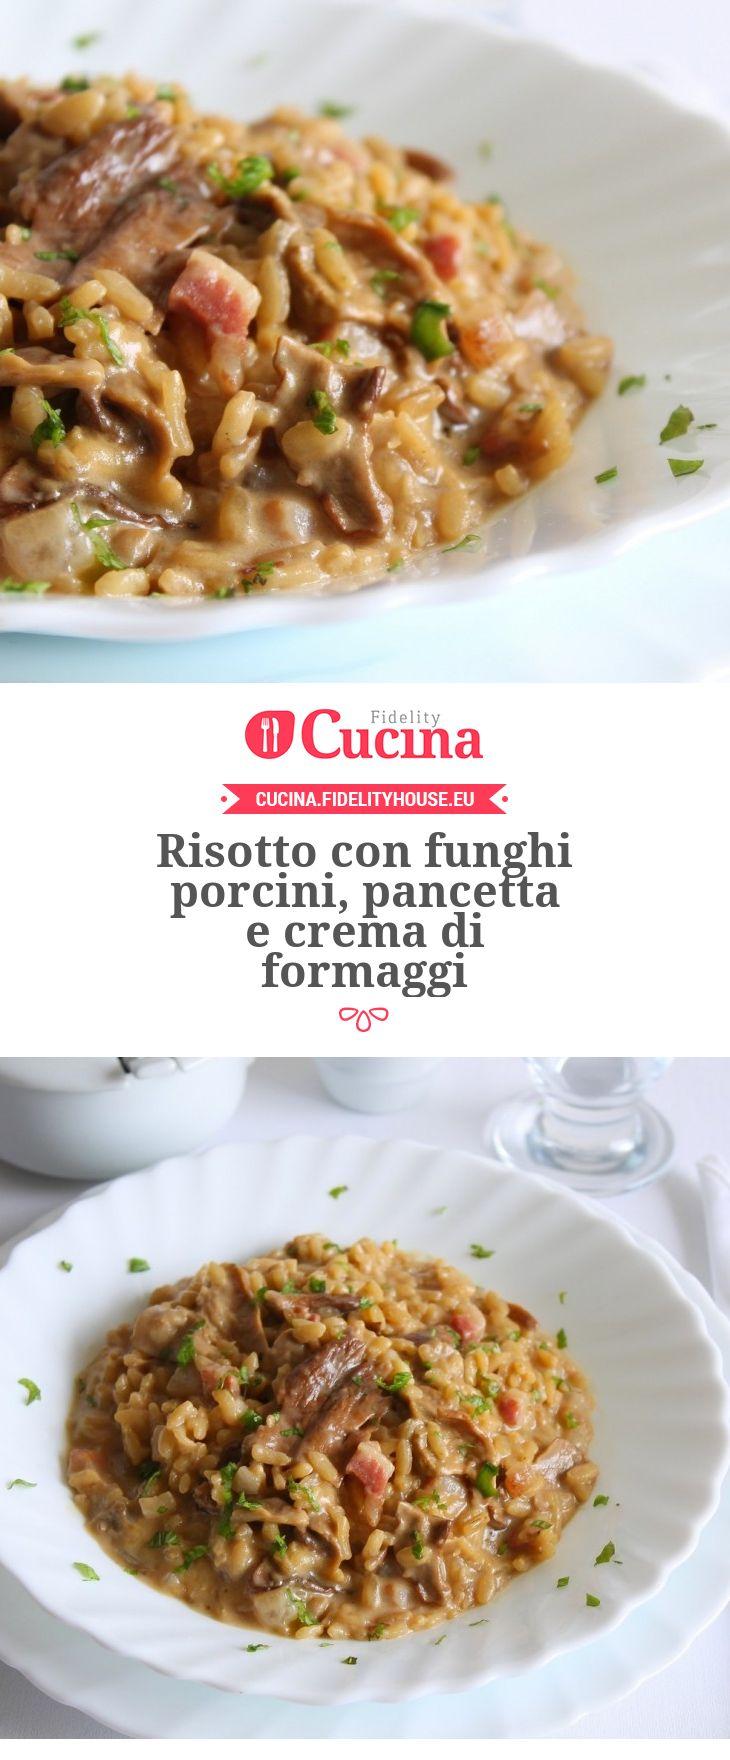 Risotto con funghi porcini, pancetta e crema di formaggi